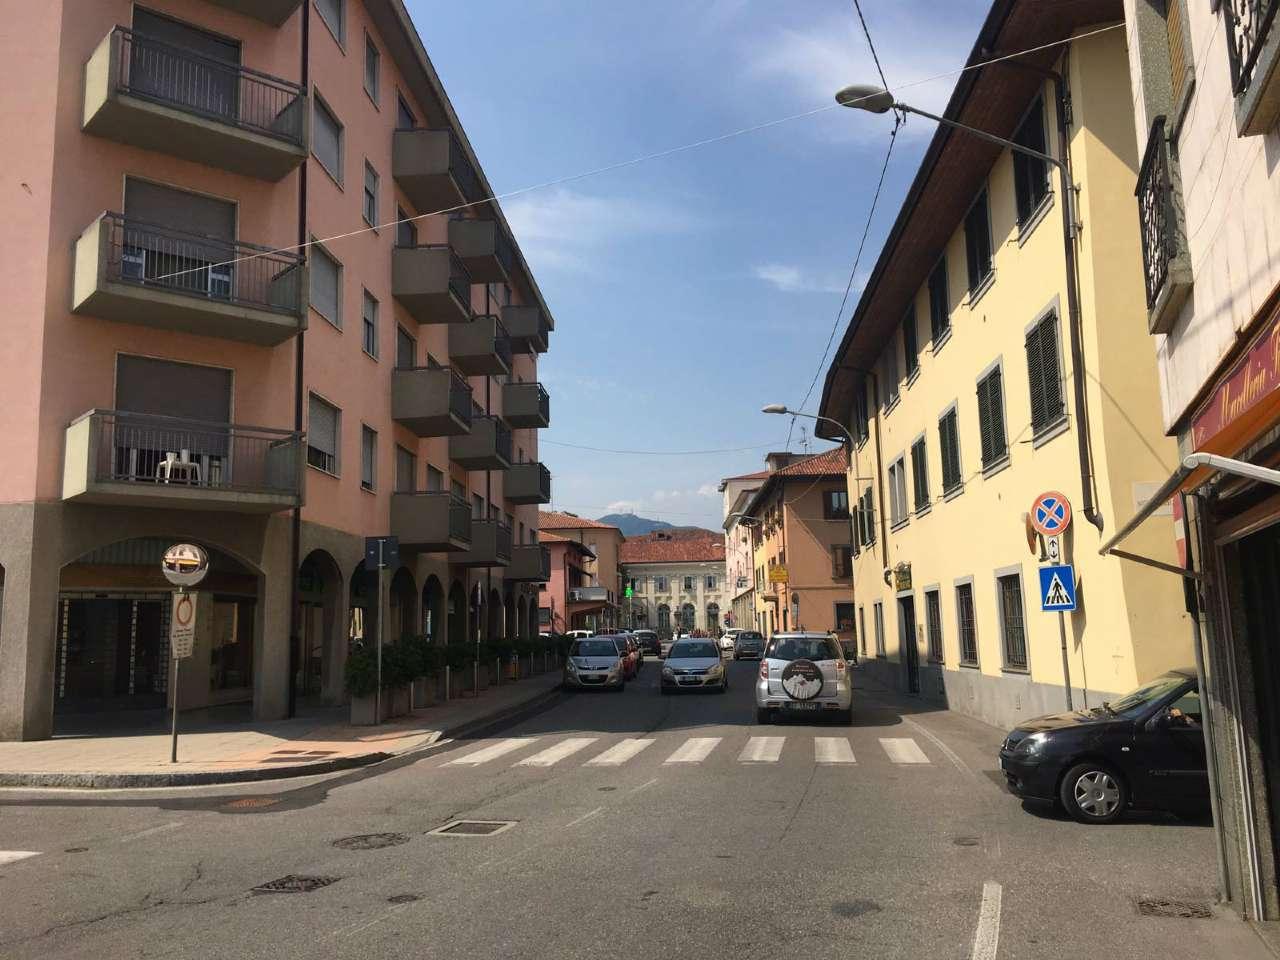 Negozio / Locale in vendita a Brembate di Sopra, 2 locali, prezzo € 170.000 | CambioCasa.it